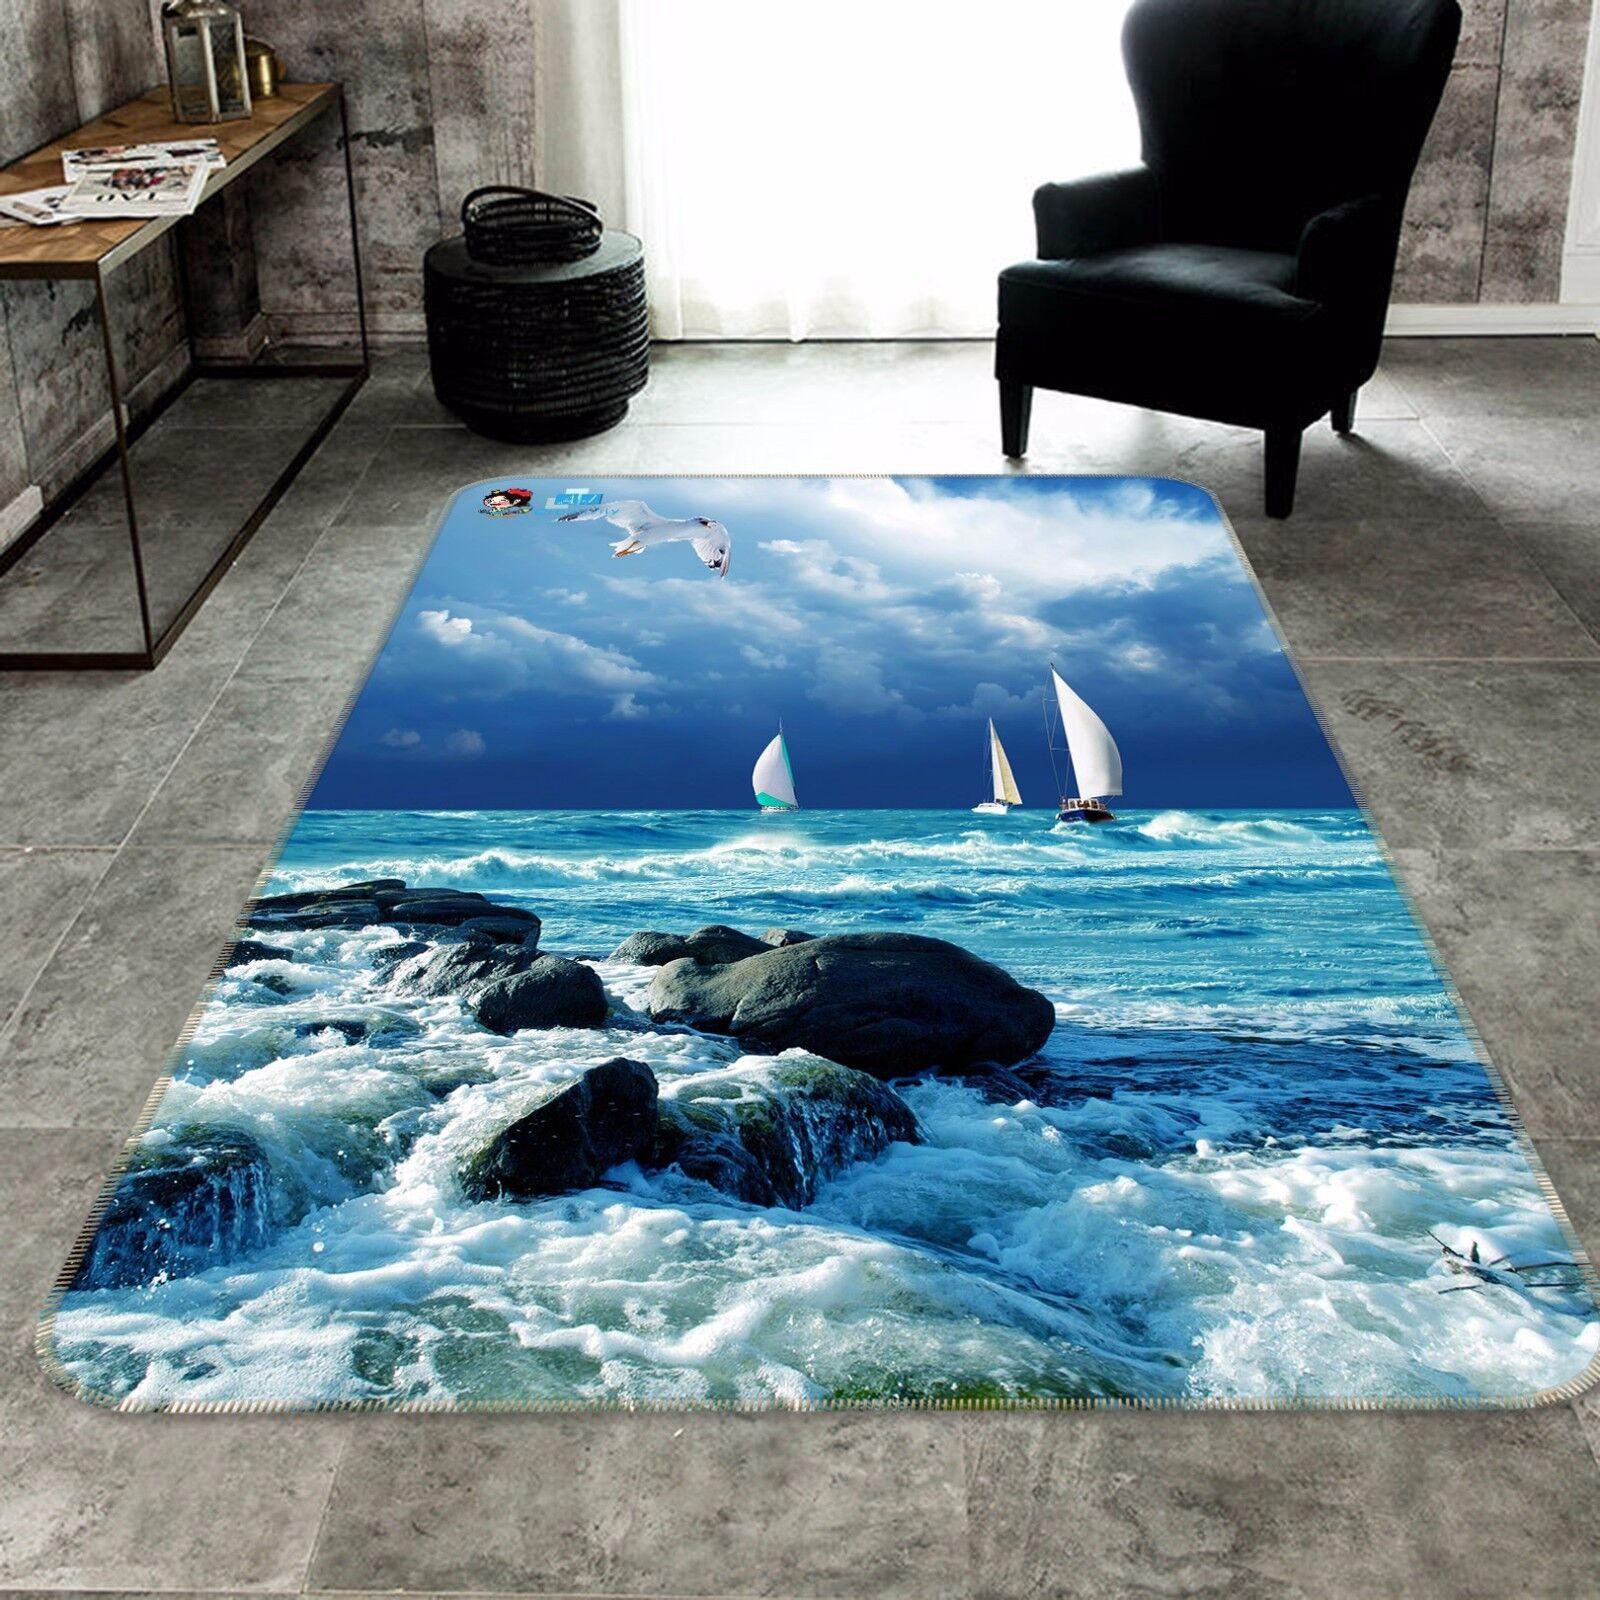 3D Sailboat Stones Sea 9 Non Slip Rug Mat Room Mat Round Elegant Photo Carpet CA